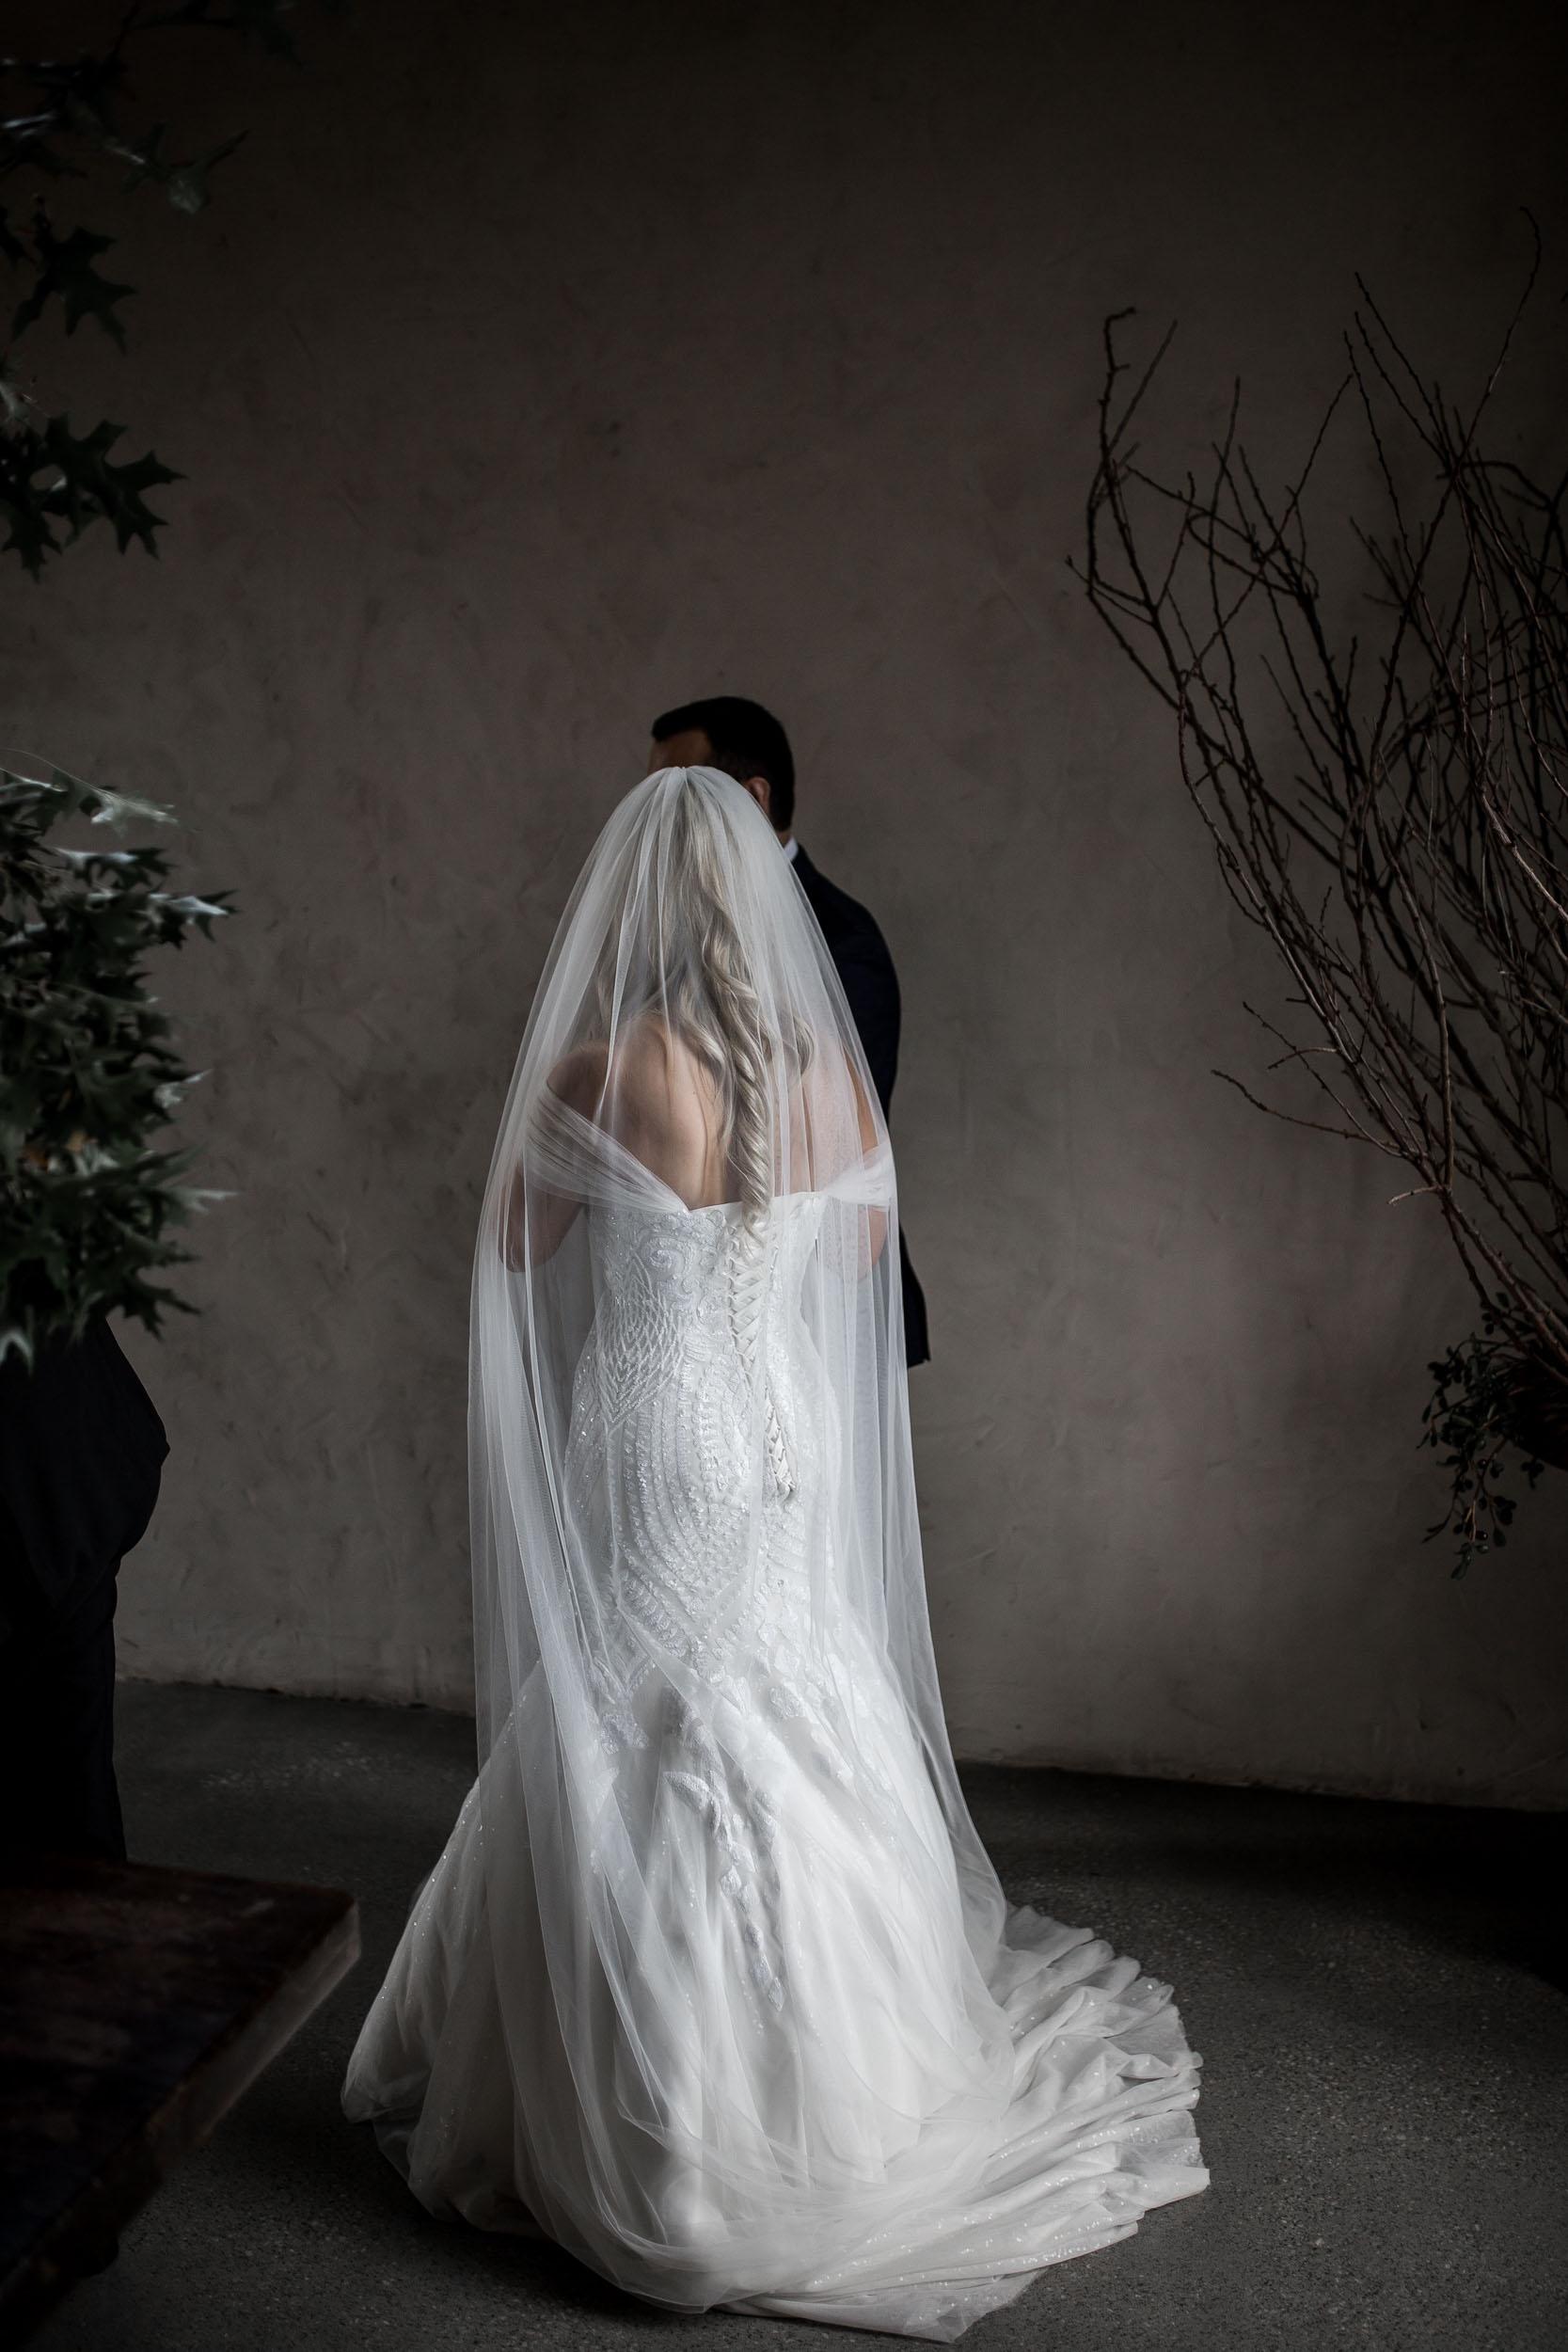 THE BRIDE - GOWN : Roz La Kelin